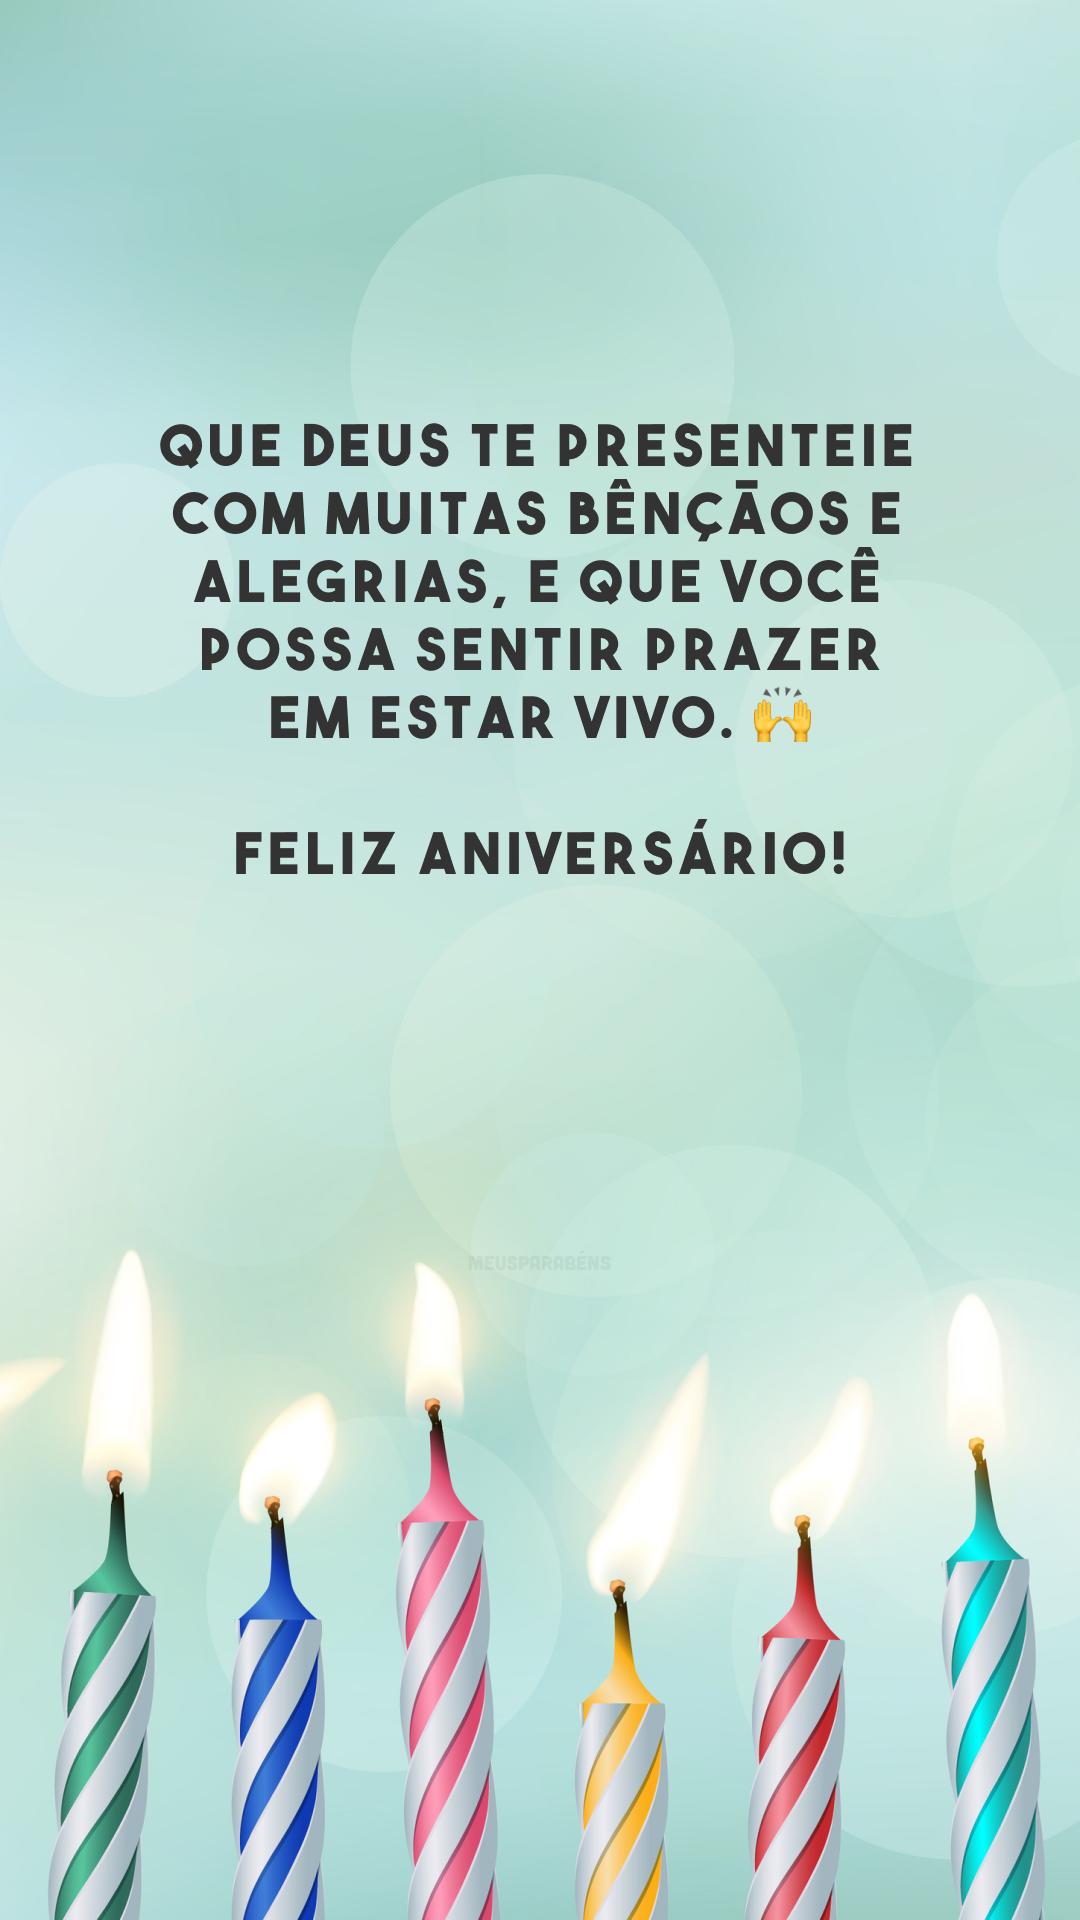 Que Deus te presenteie com muitas bênçãos e alegrias, e que você possa sentir prazer em estar vivo. 🙌 Feliz aniversário!